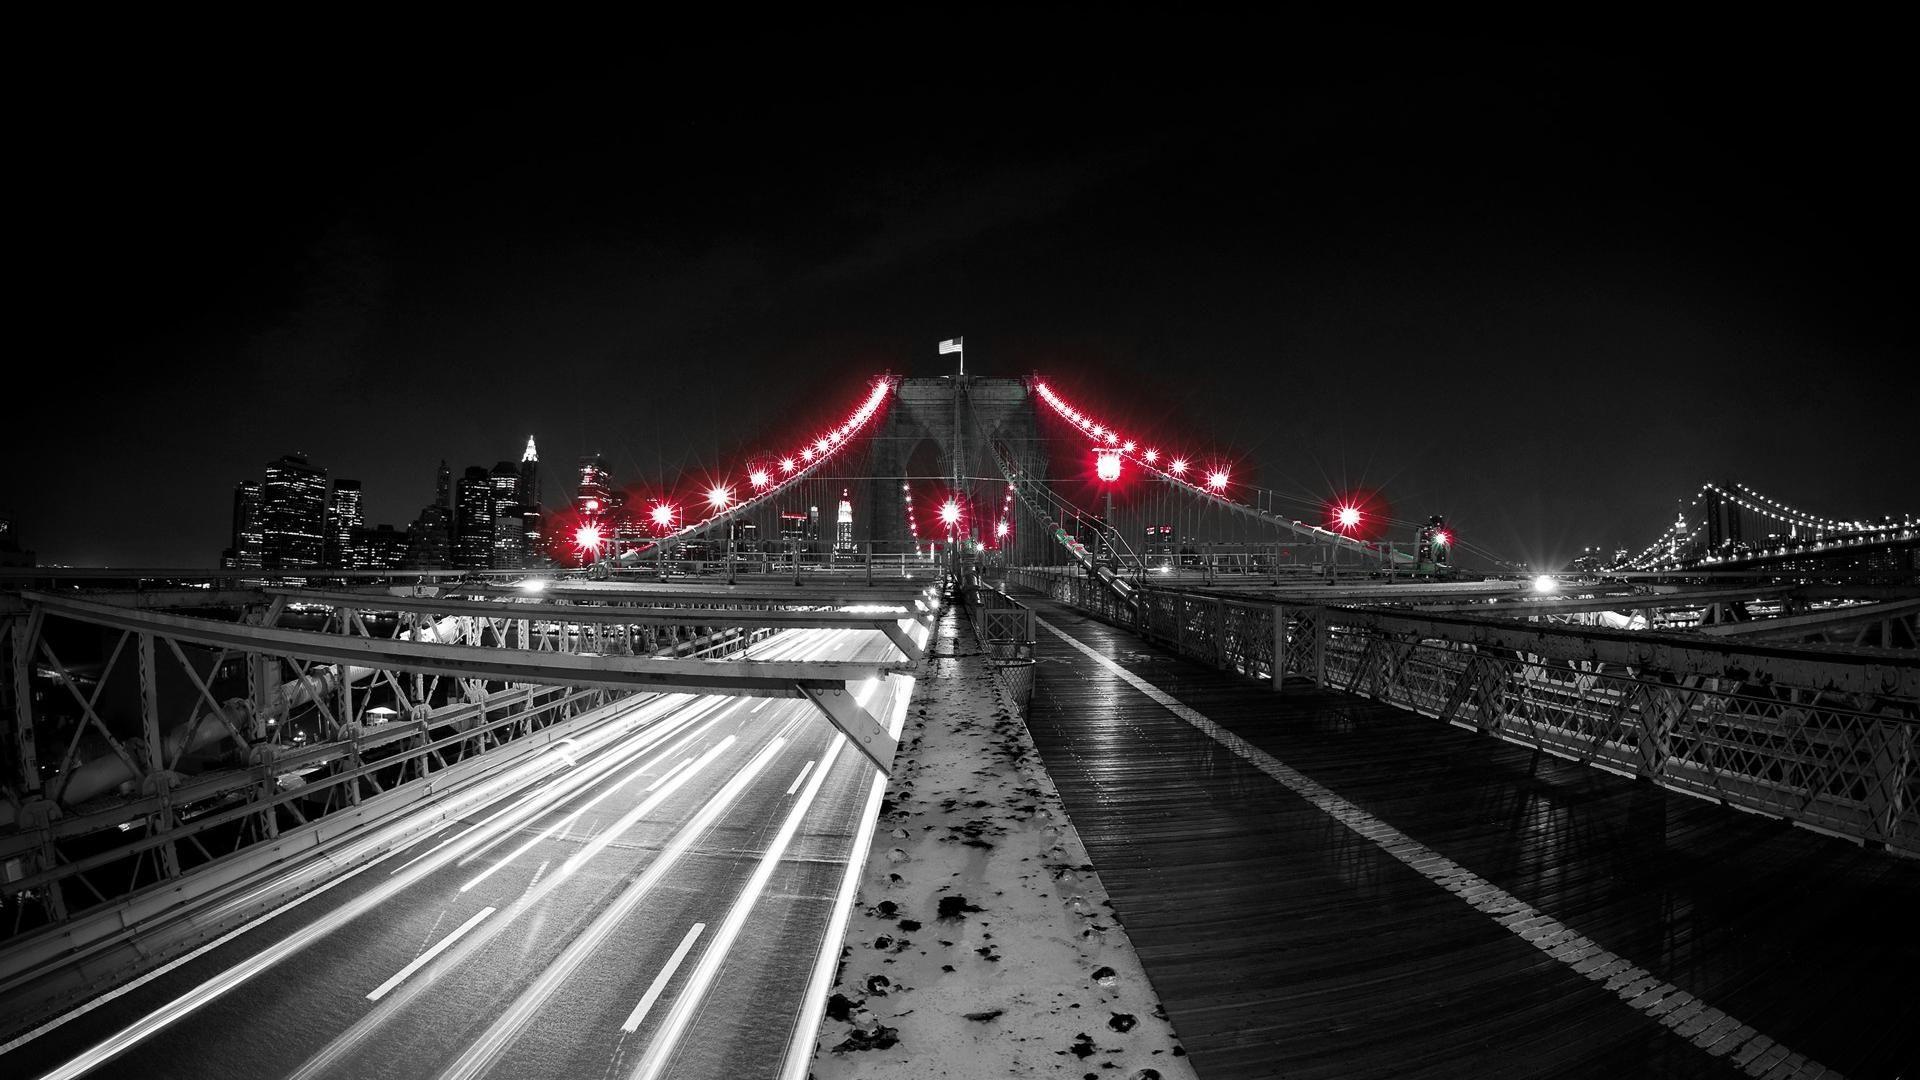 Red Black And White Black Red Light Bridge White Up Net